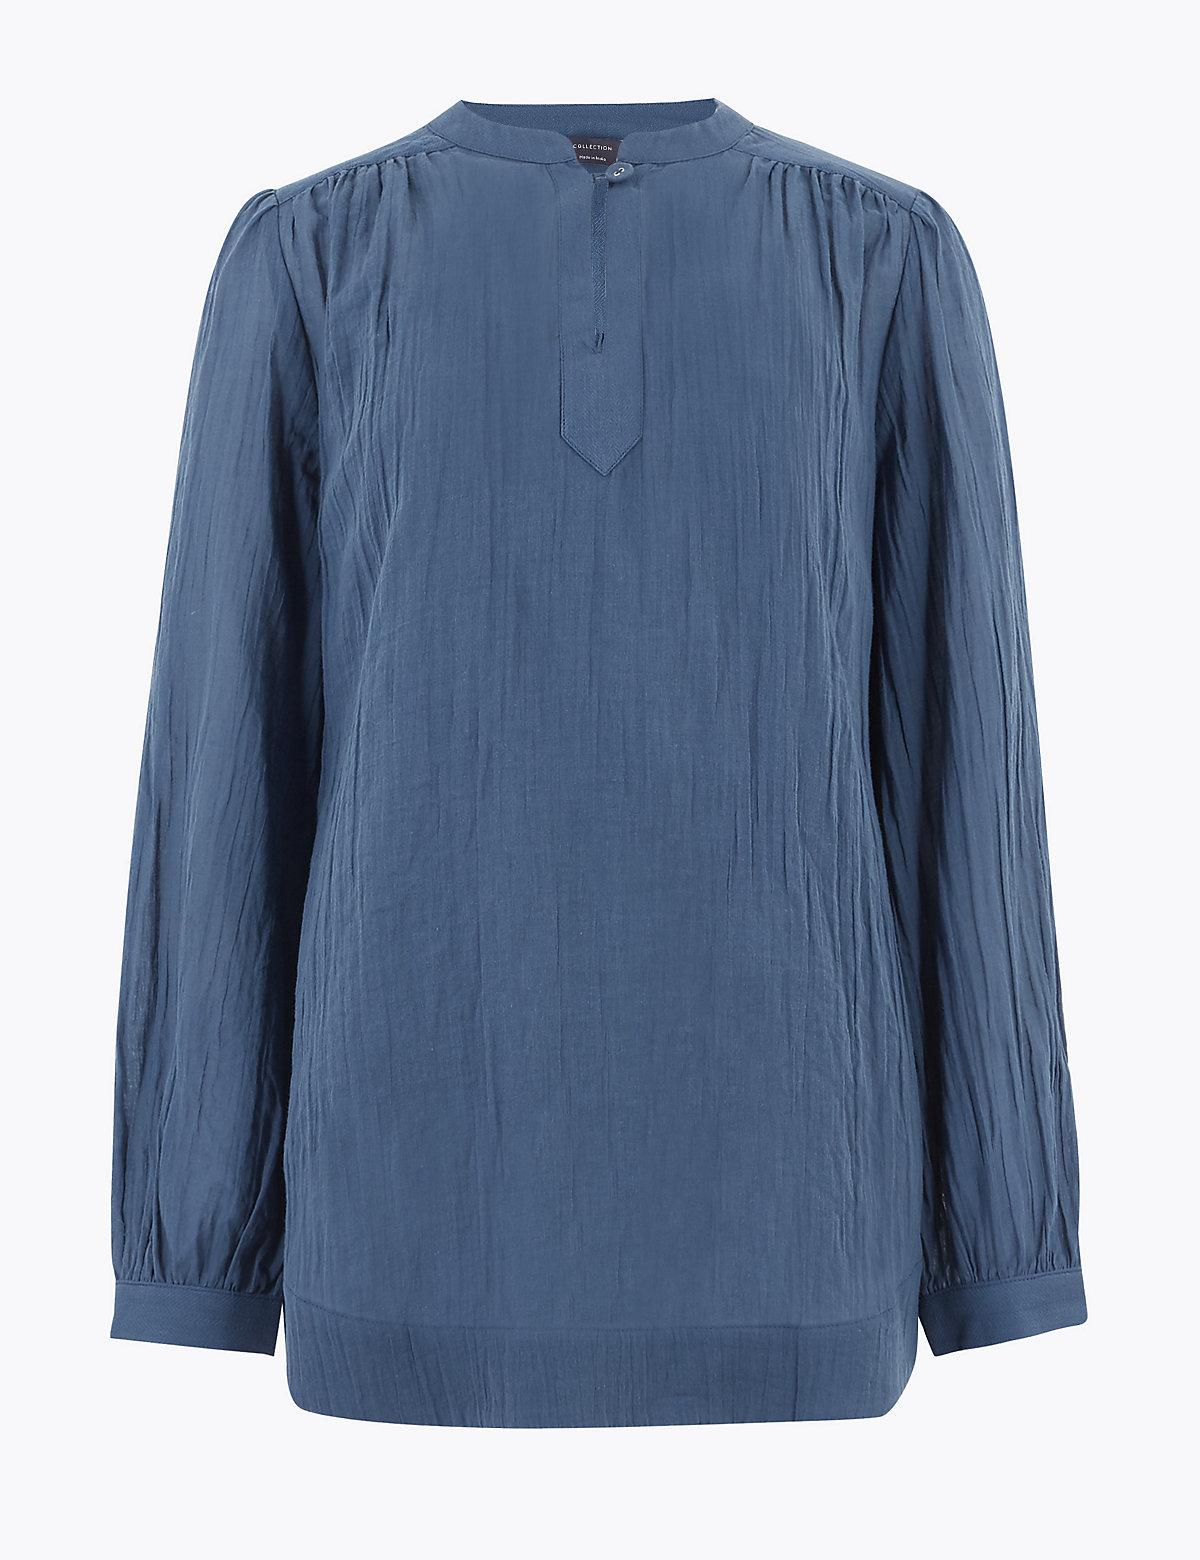 Удлиненная блузка из чистого хлопка с воротником-стойкой